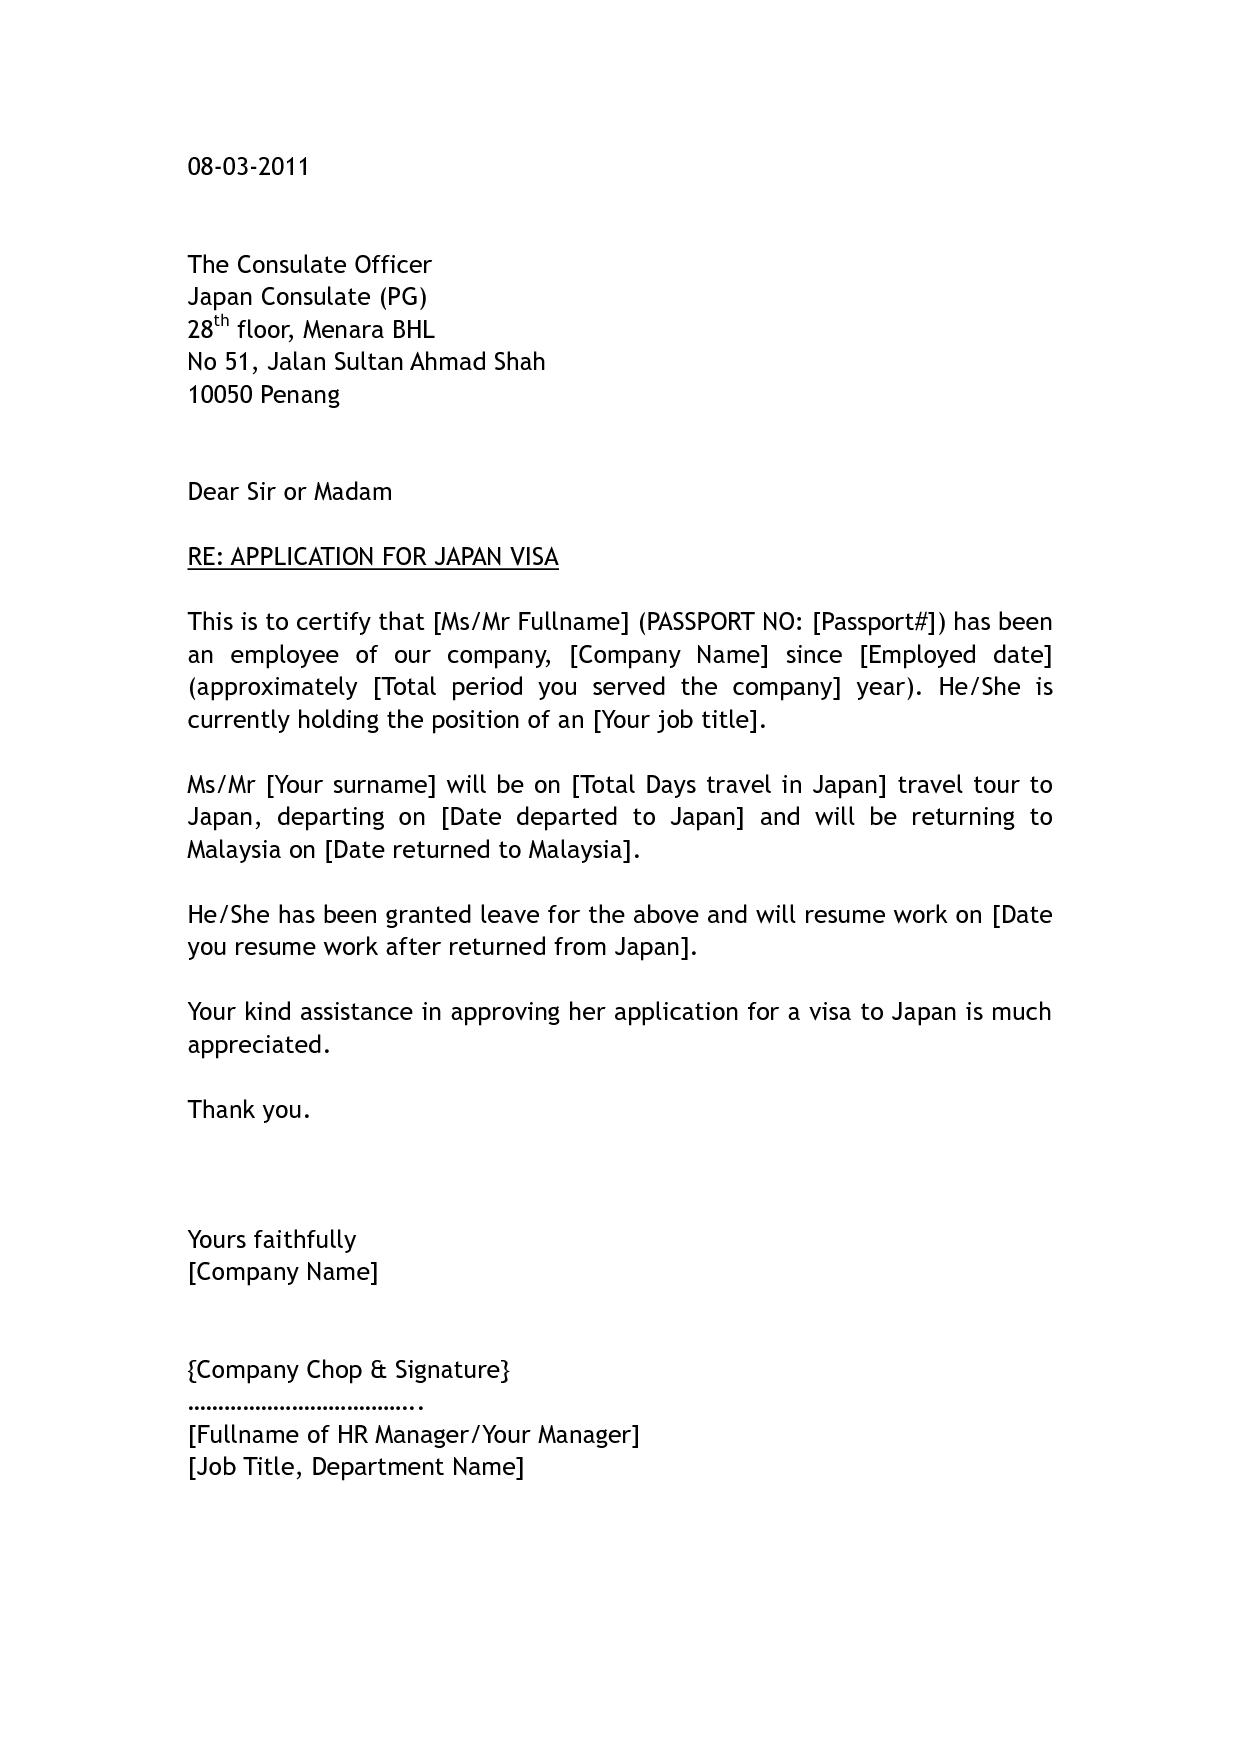 Cover letter format visa application sample cover letter for visa application thailand cover altavistaventures Images